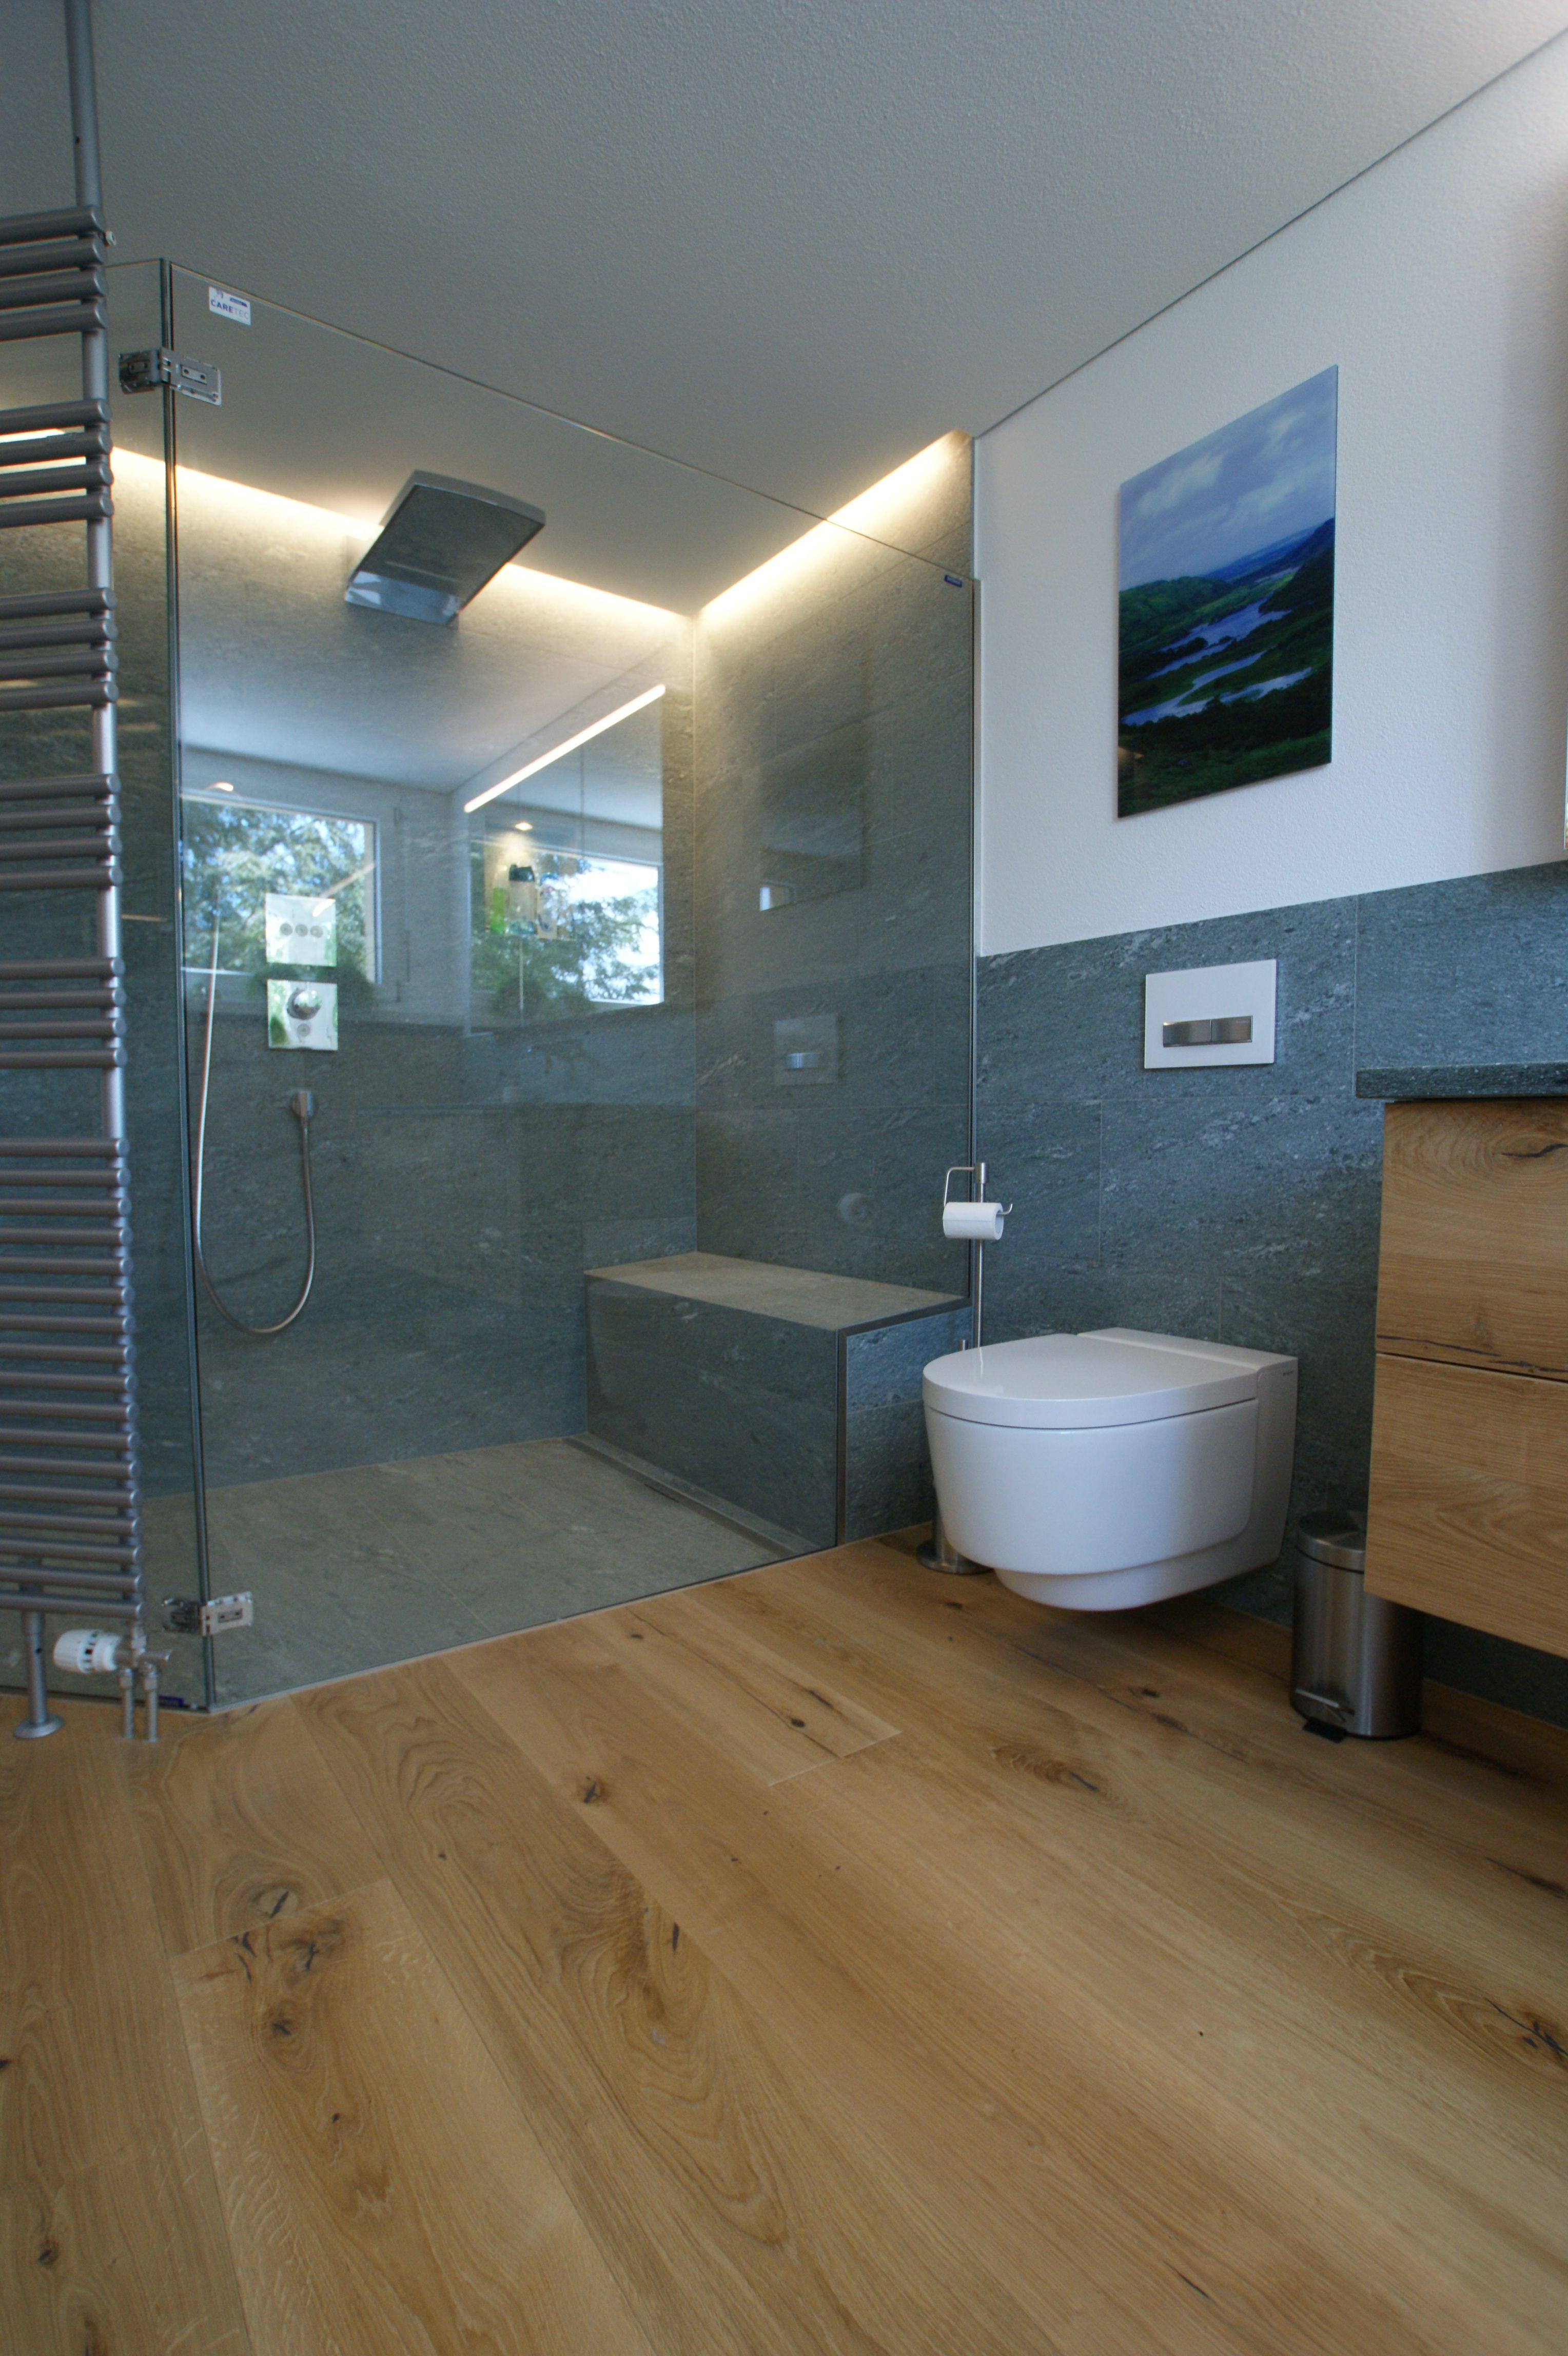 Massivholzboden In Badezimmerumbau Mobel Mit Parkett Hergestellt Badezimmer Inspiration Badezimmer Parkett